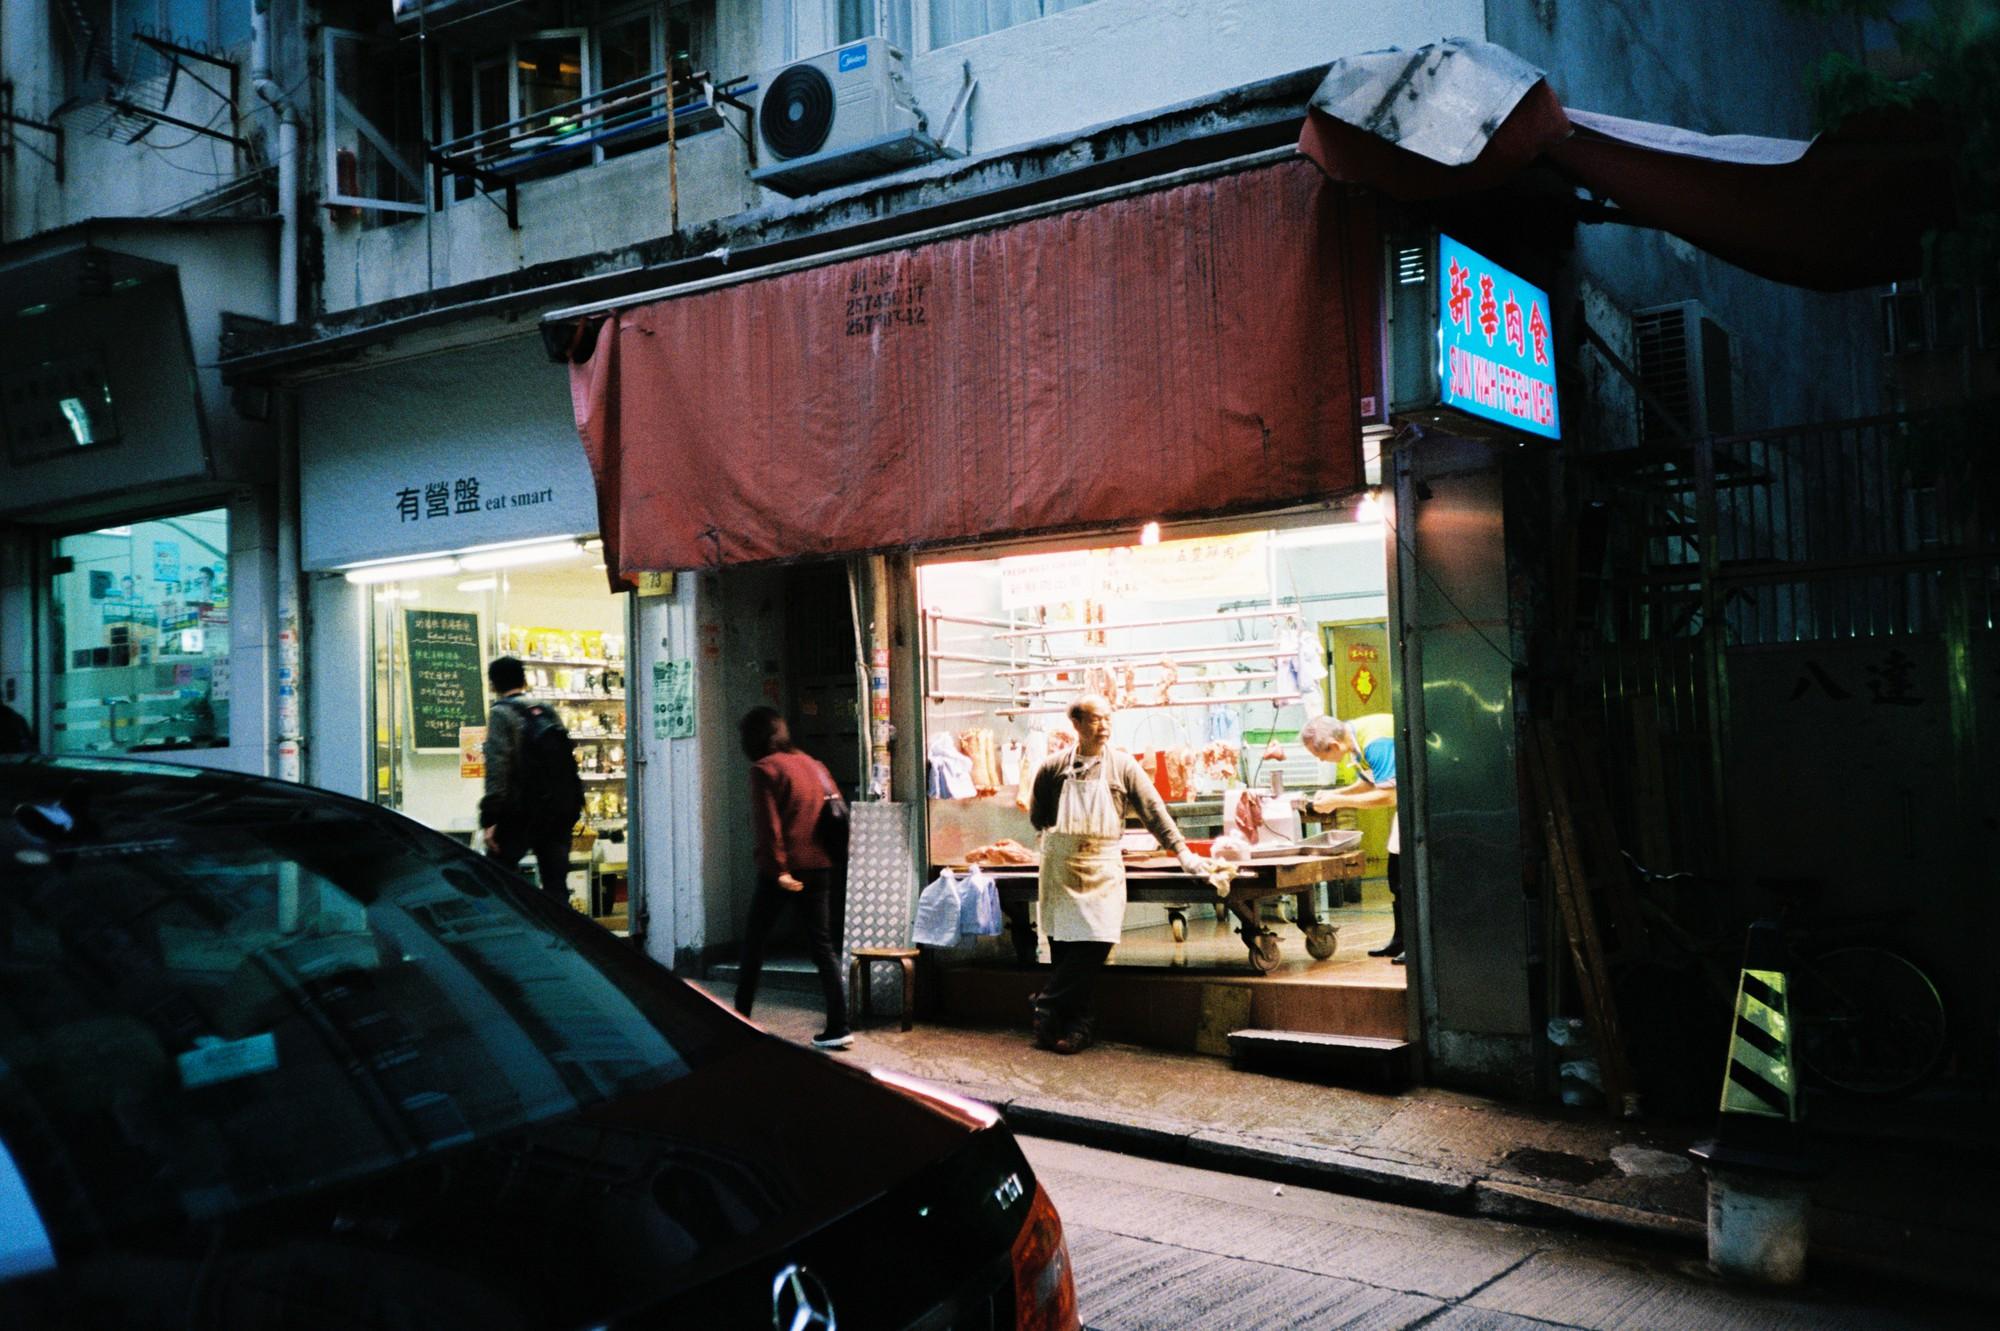 Hong Kong đẹp đến ngỡ ngàng qua những thước ảnh film của chàng trai Sài Gòn: Ai mà ngờ những tấm hình này được chụp vào năm 2019 kia chứ! - Ảnh 4.